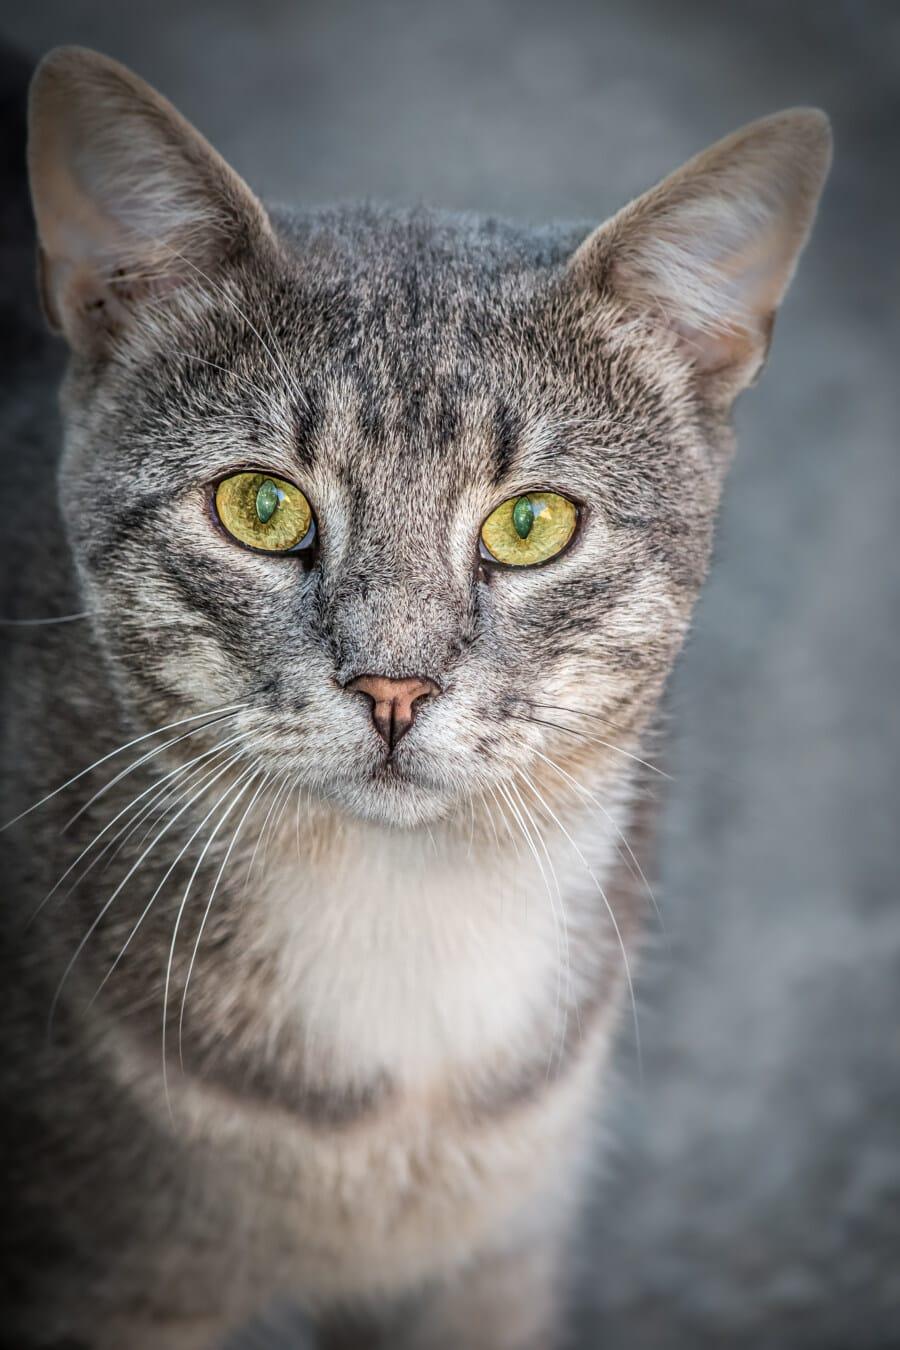 randig katt, ögon, gröngult, näsa, porträtt, huvud, nyfiken, tittar just nu, hår, Söt